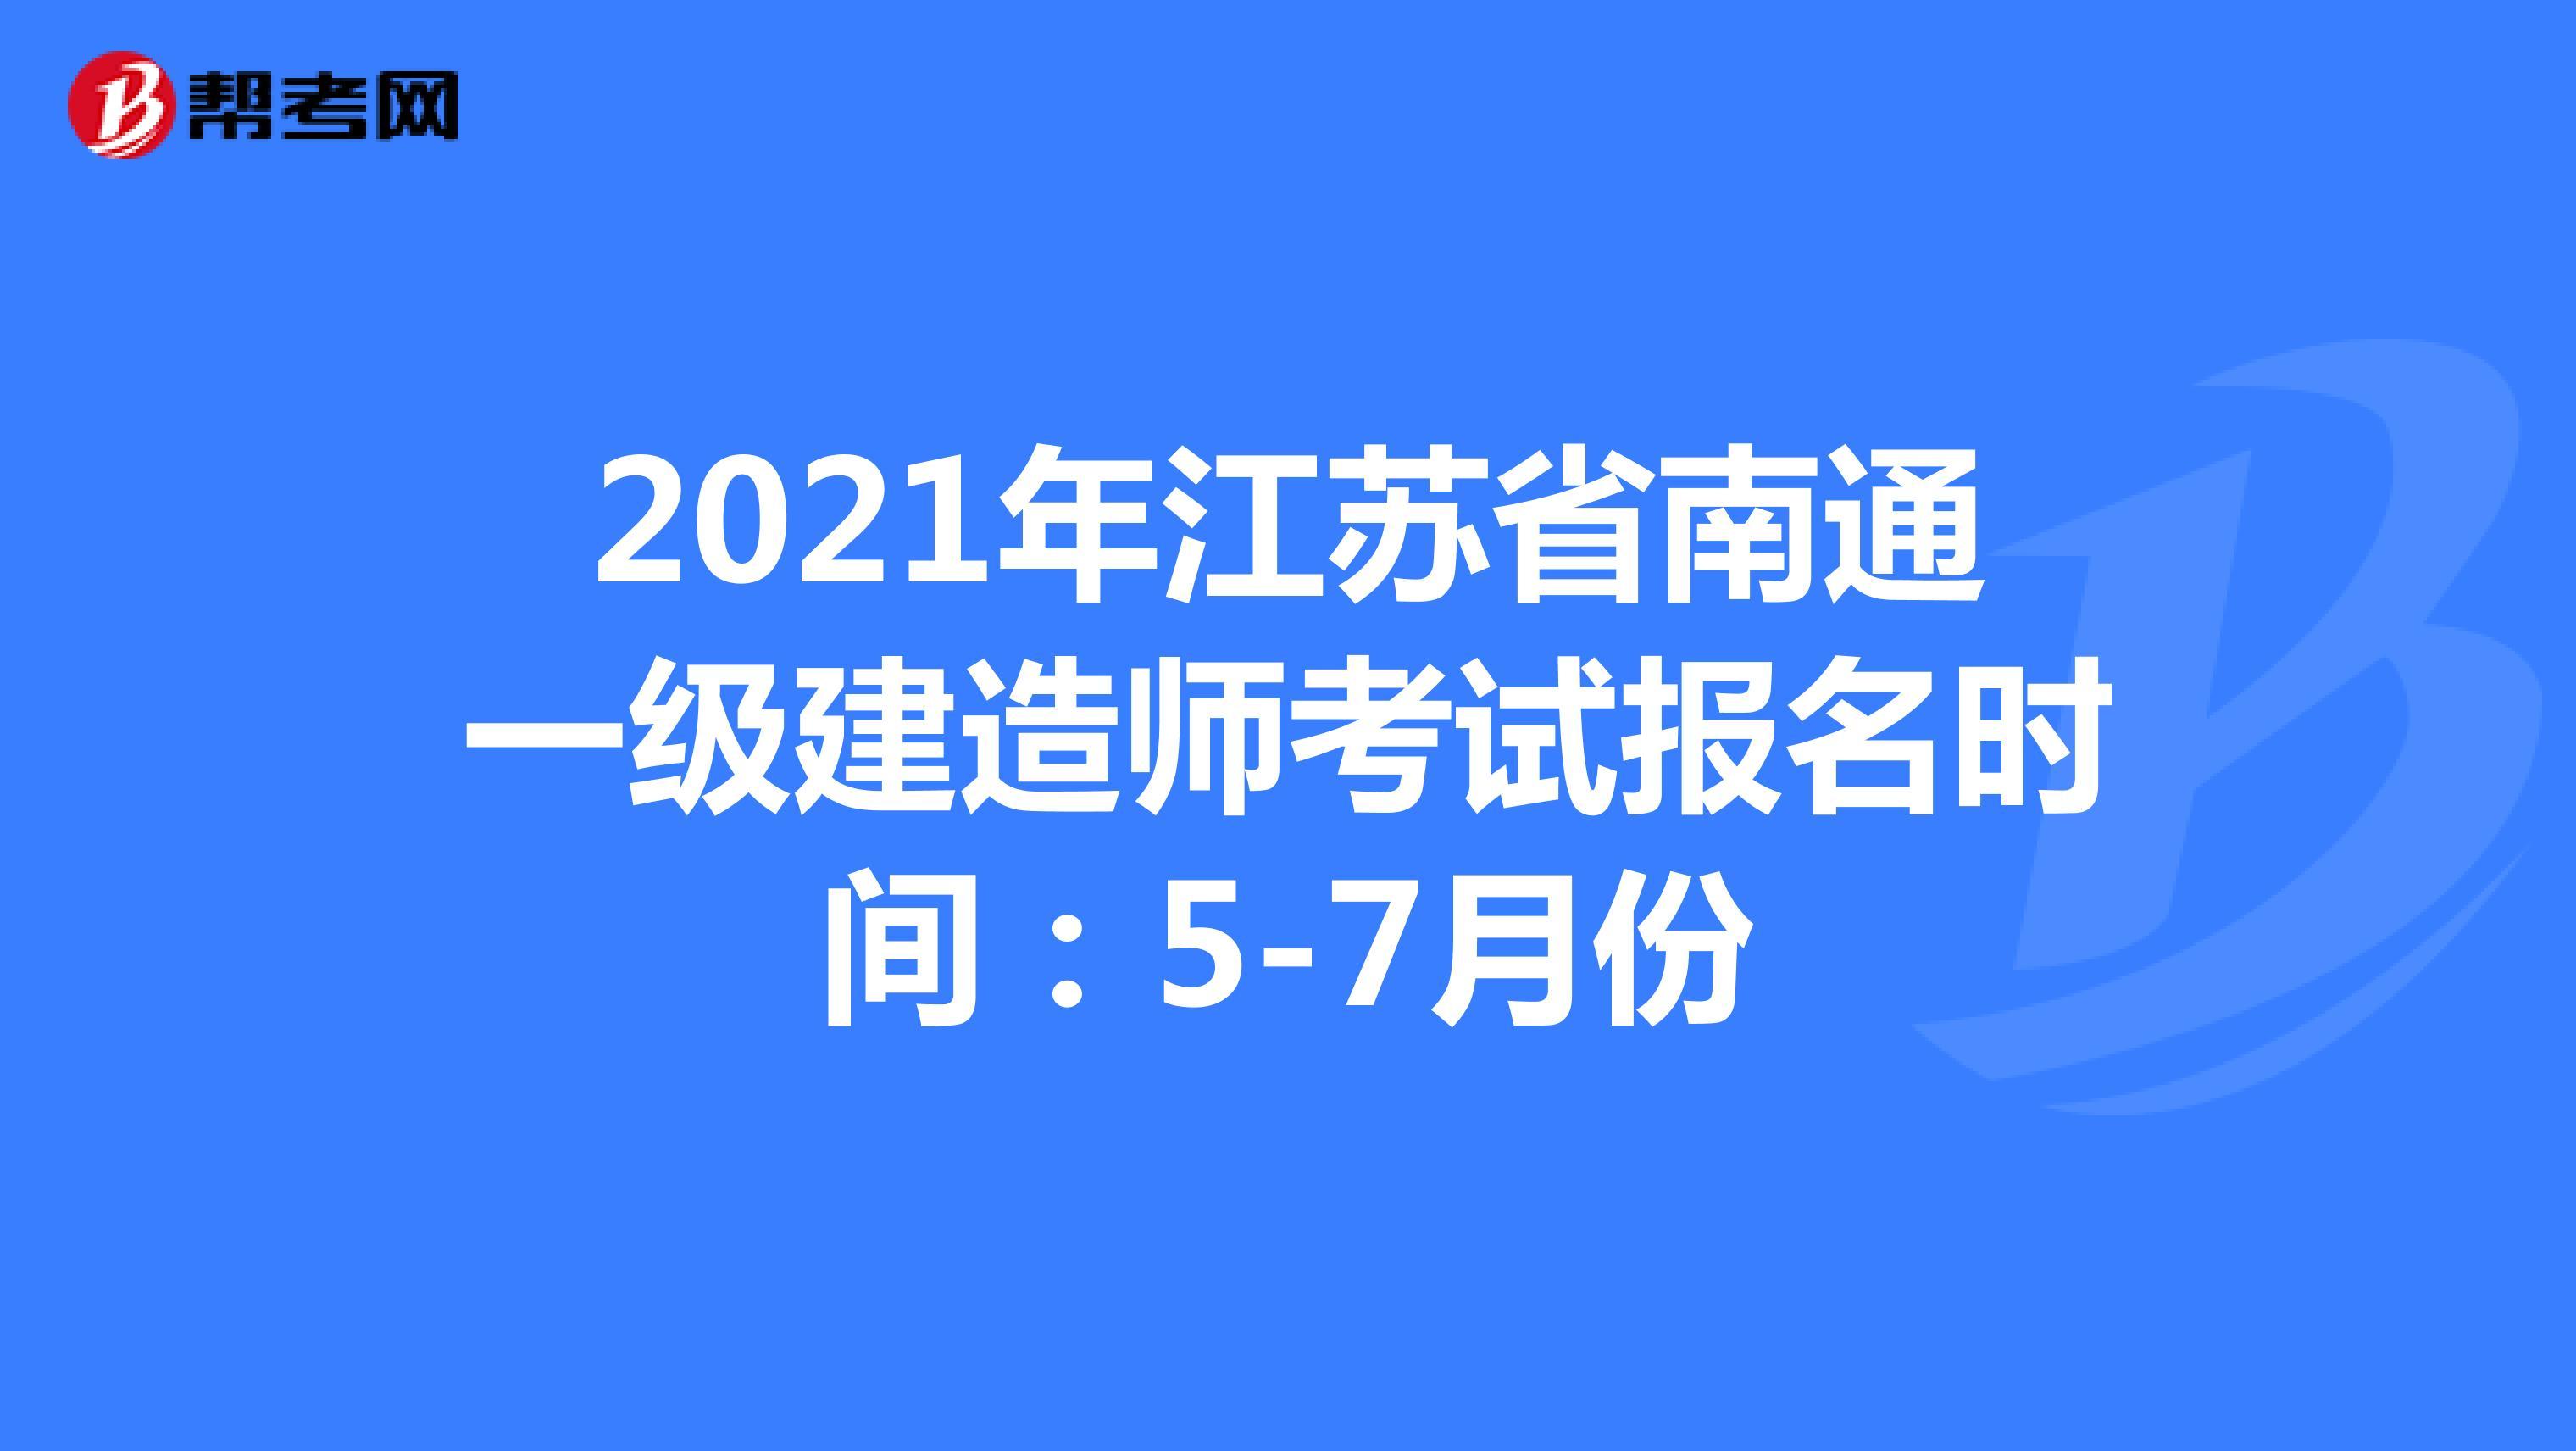 2021年江苏省南通【热竞技下载开户】一级建造师考试报名时间:5-7月份